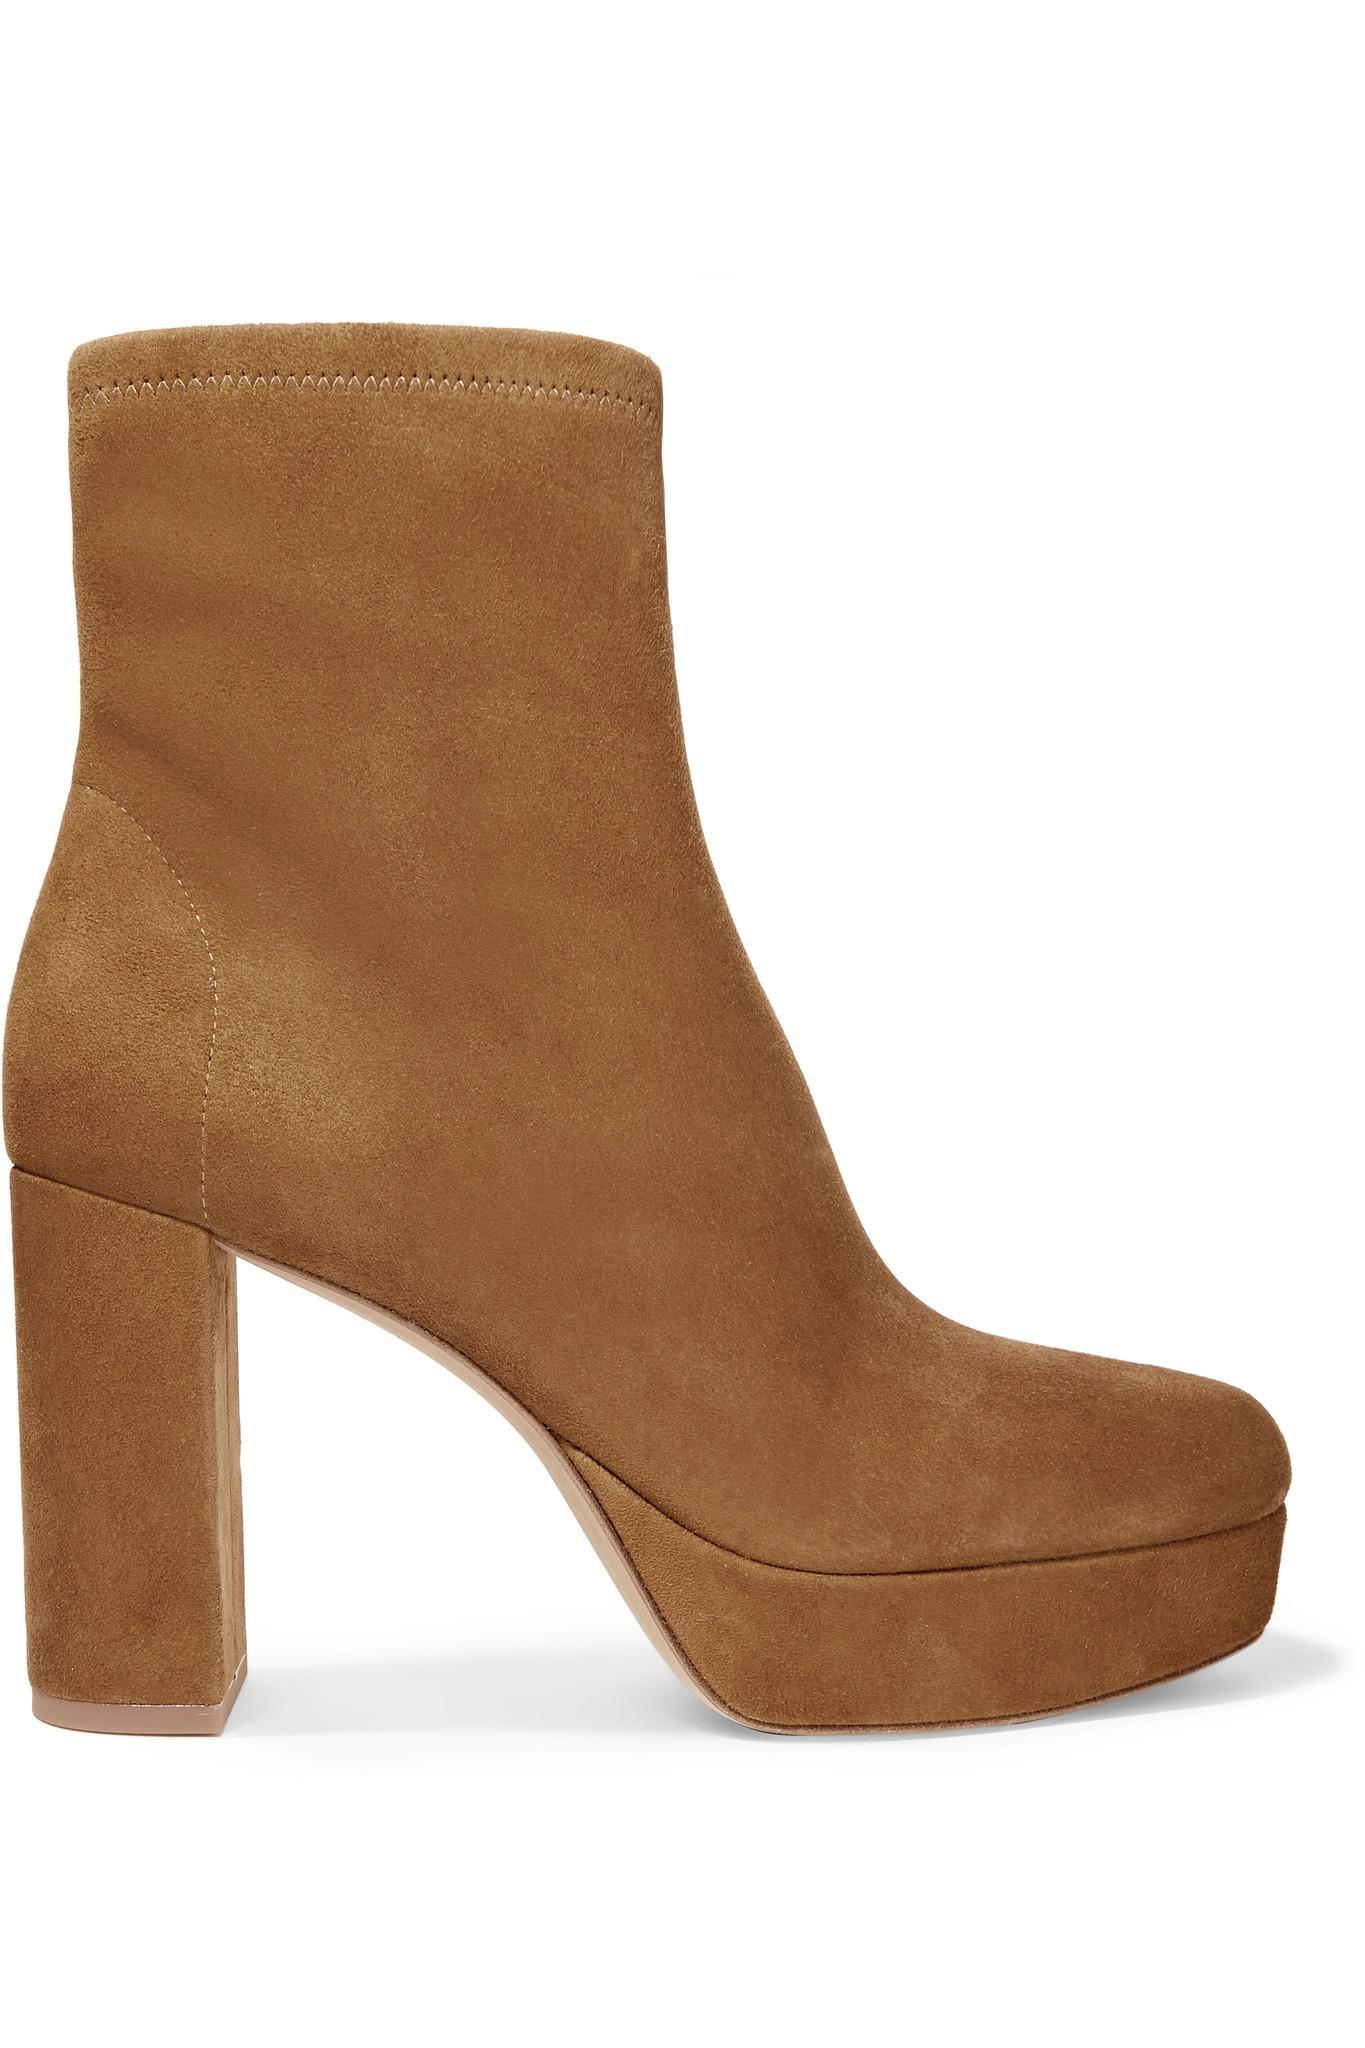 b7b1c781c67b Lyst - Diane von Furstenberg Yasmine Suede Platform Ankle Boots in Brown